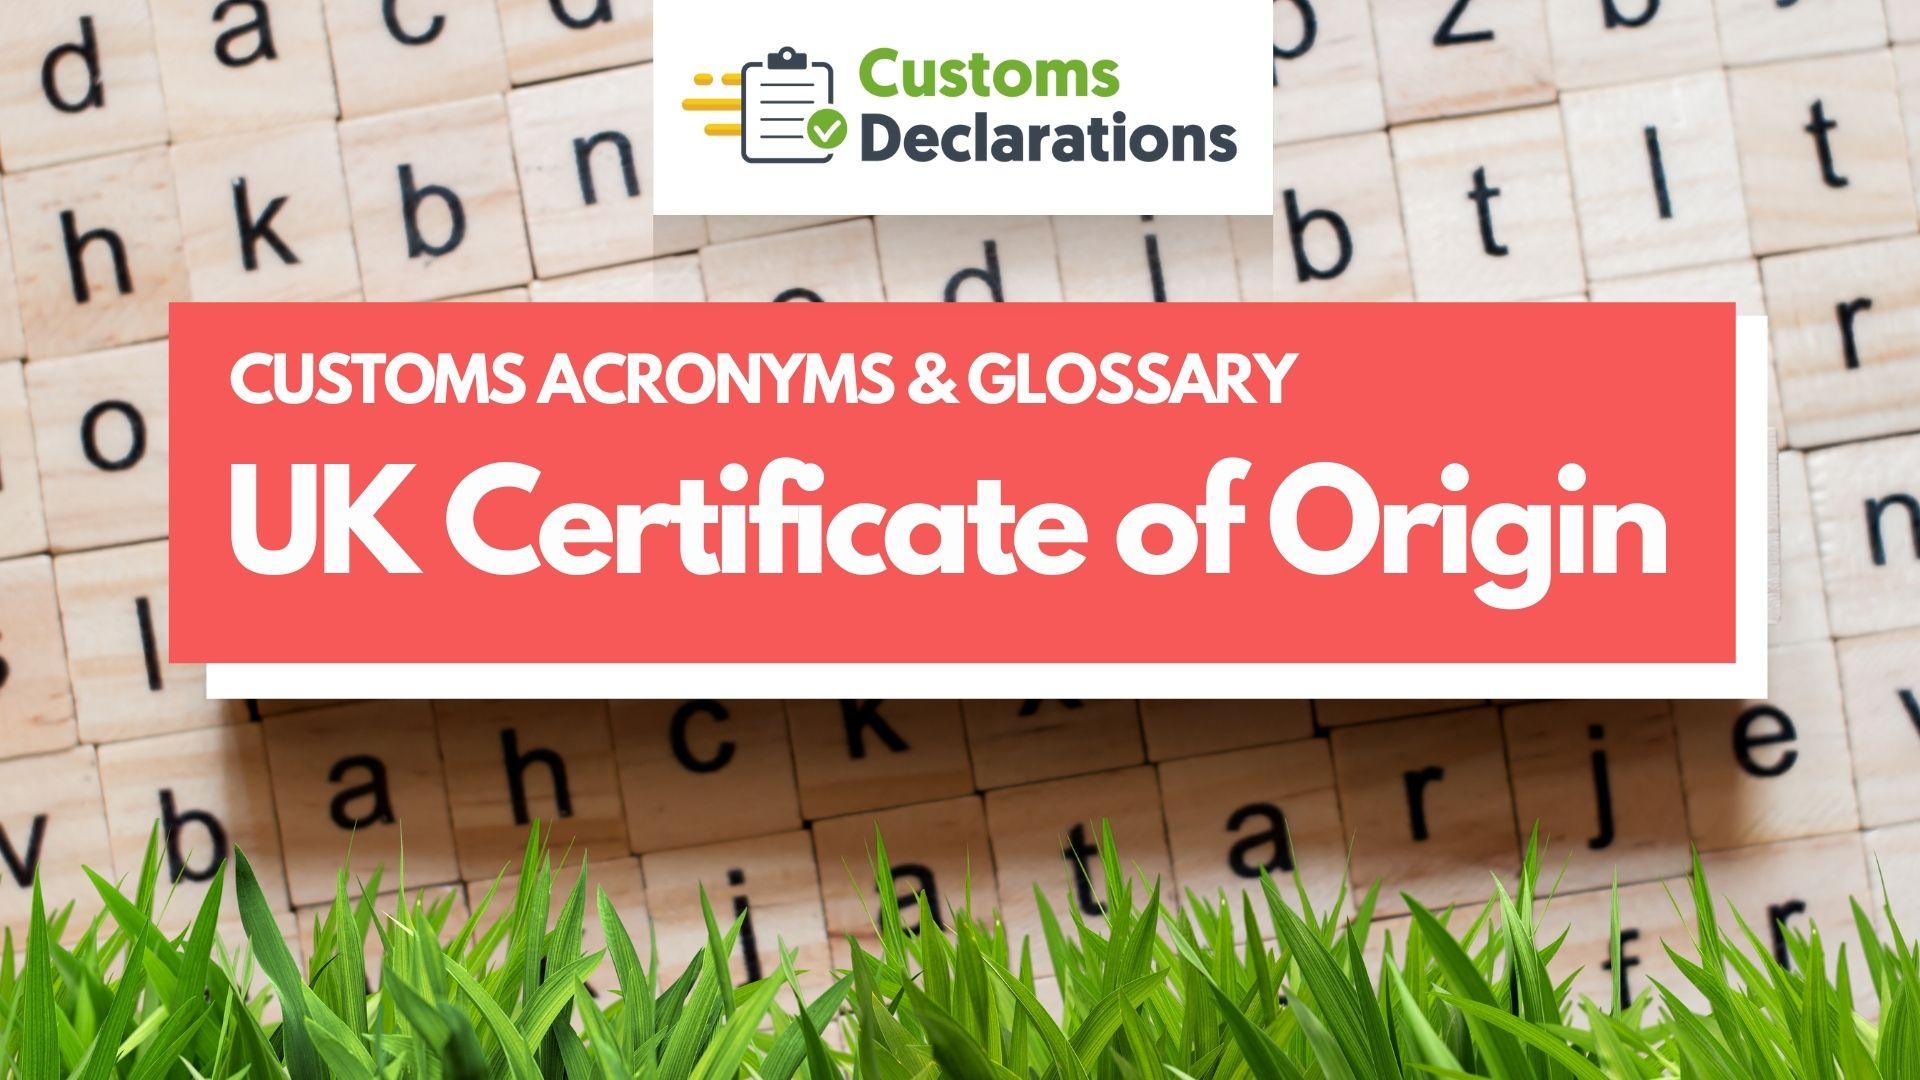 UK Certificate of Origin